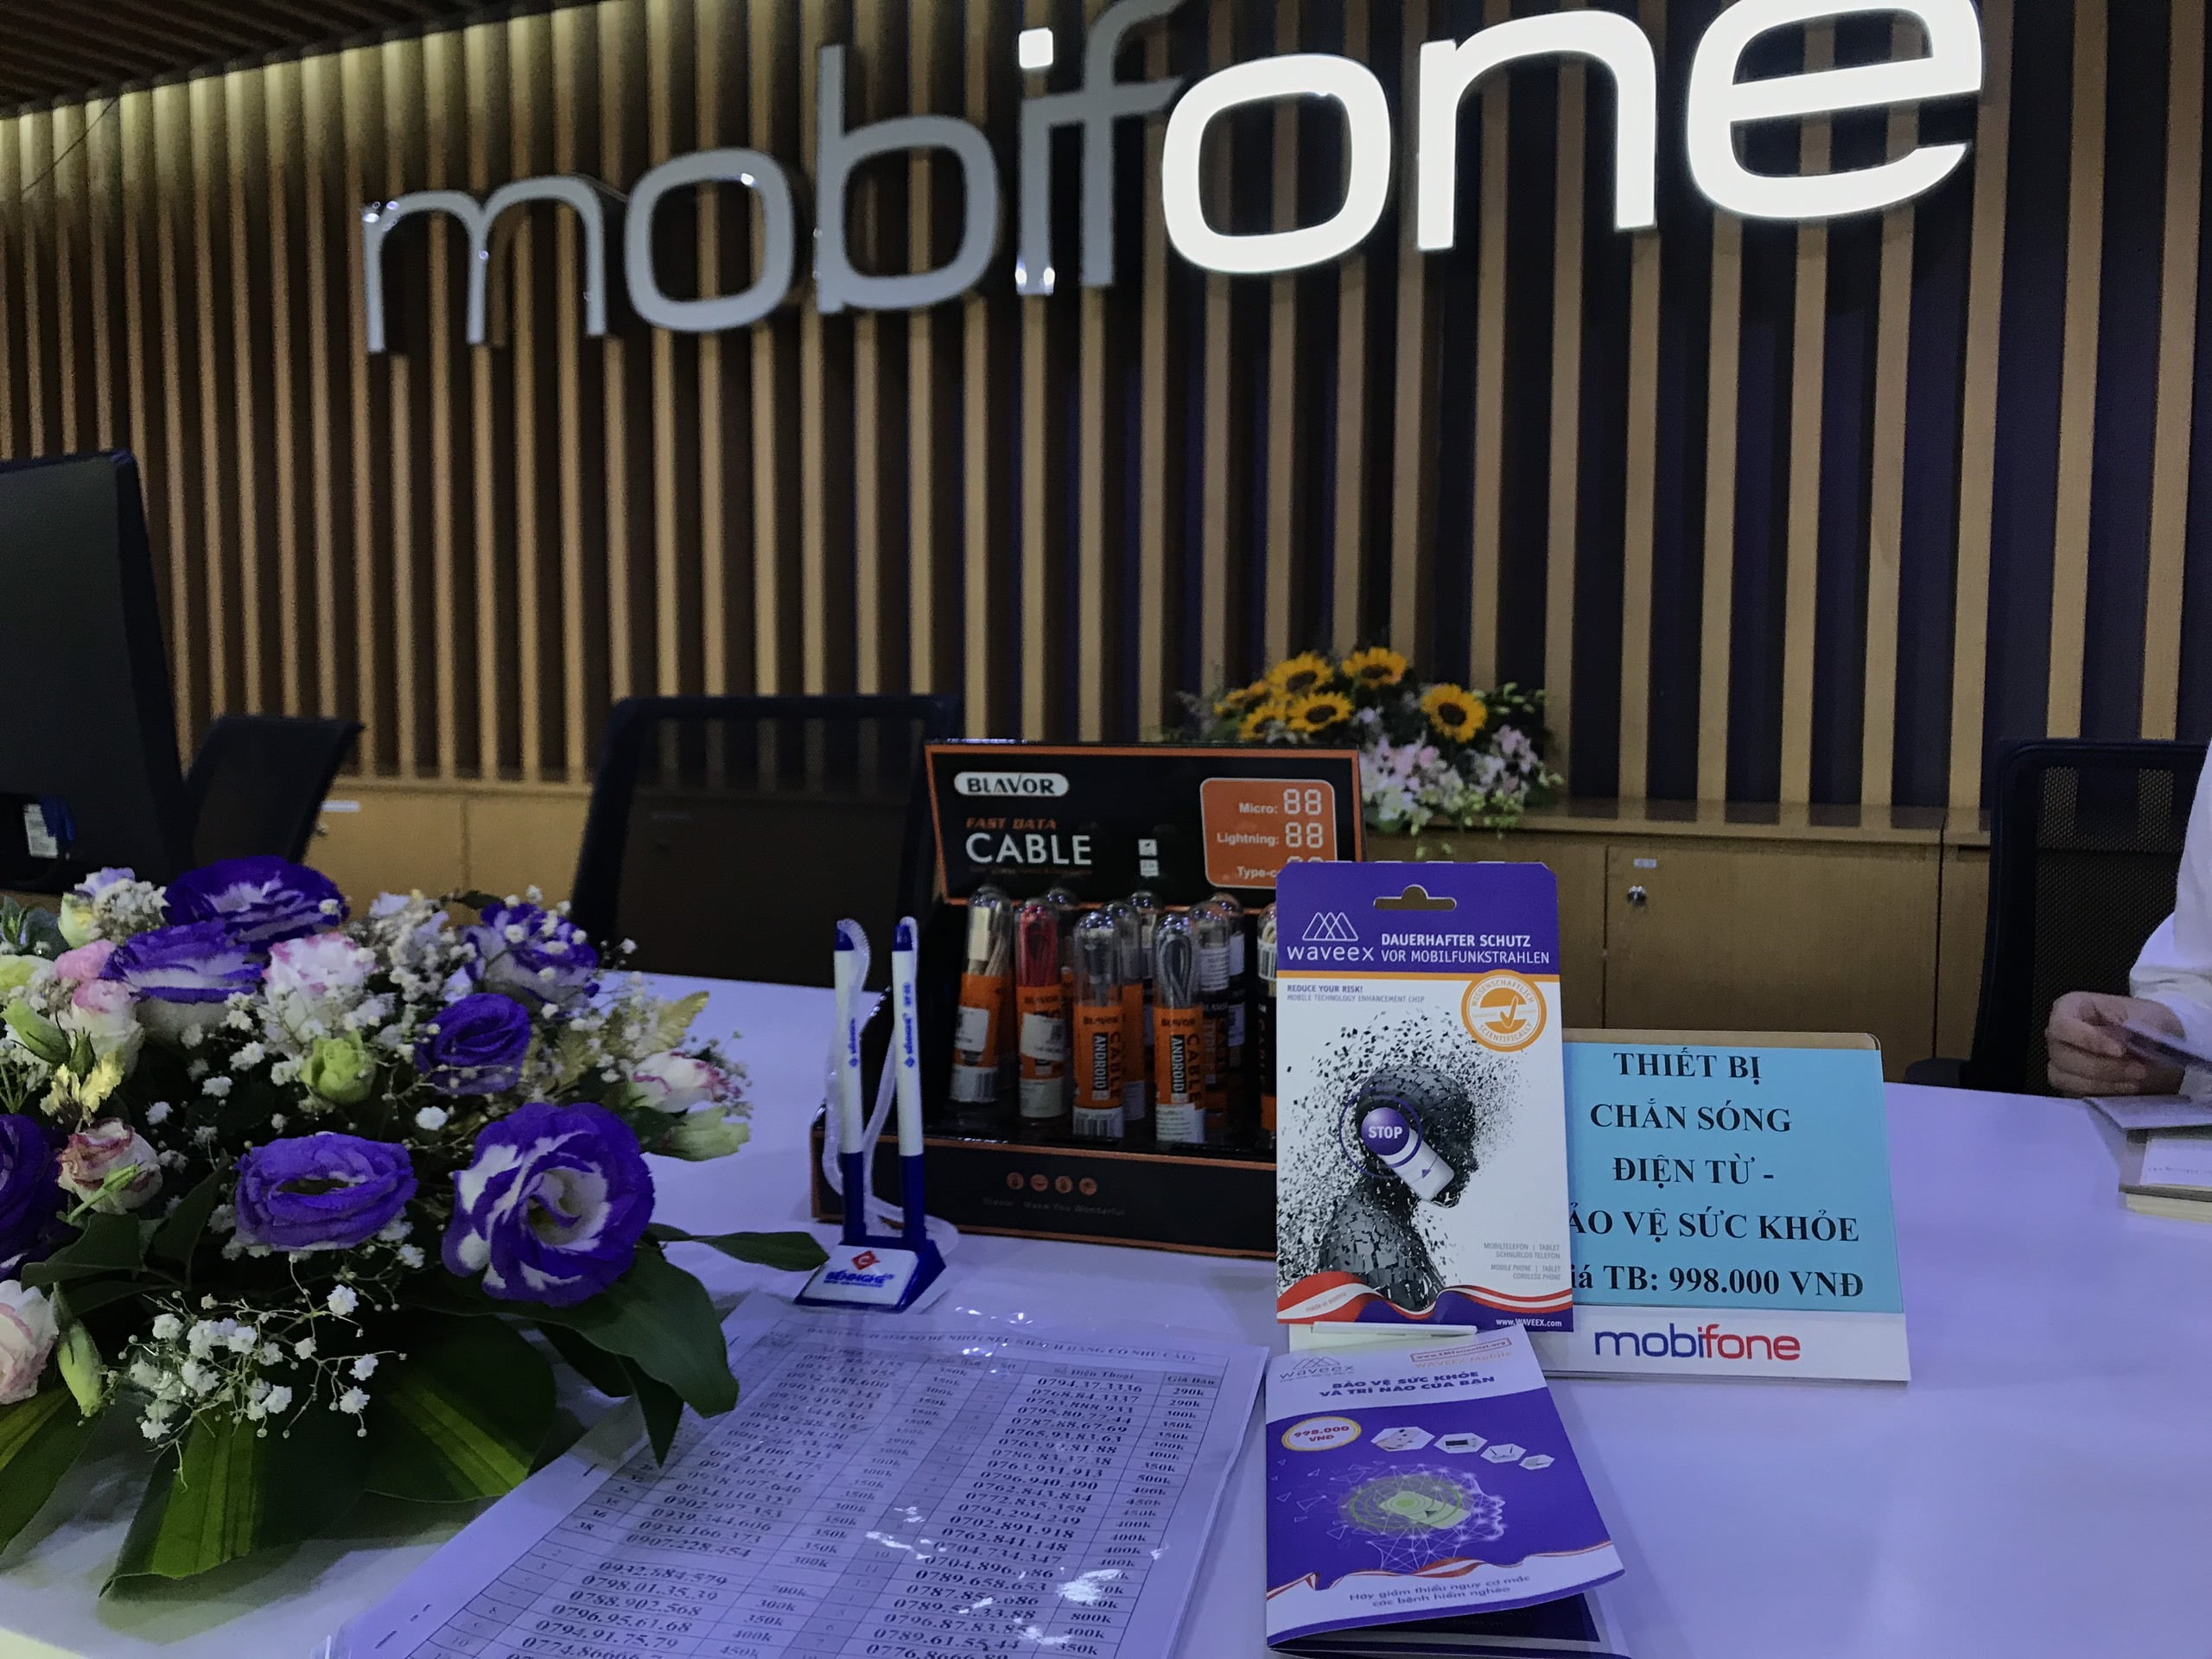 Mobifone phân phối Chip chắn bức xạ điện từ Waveex - Waveex Việt Nam